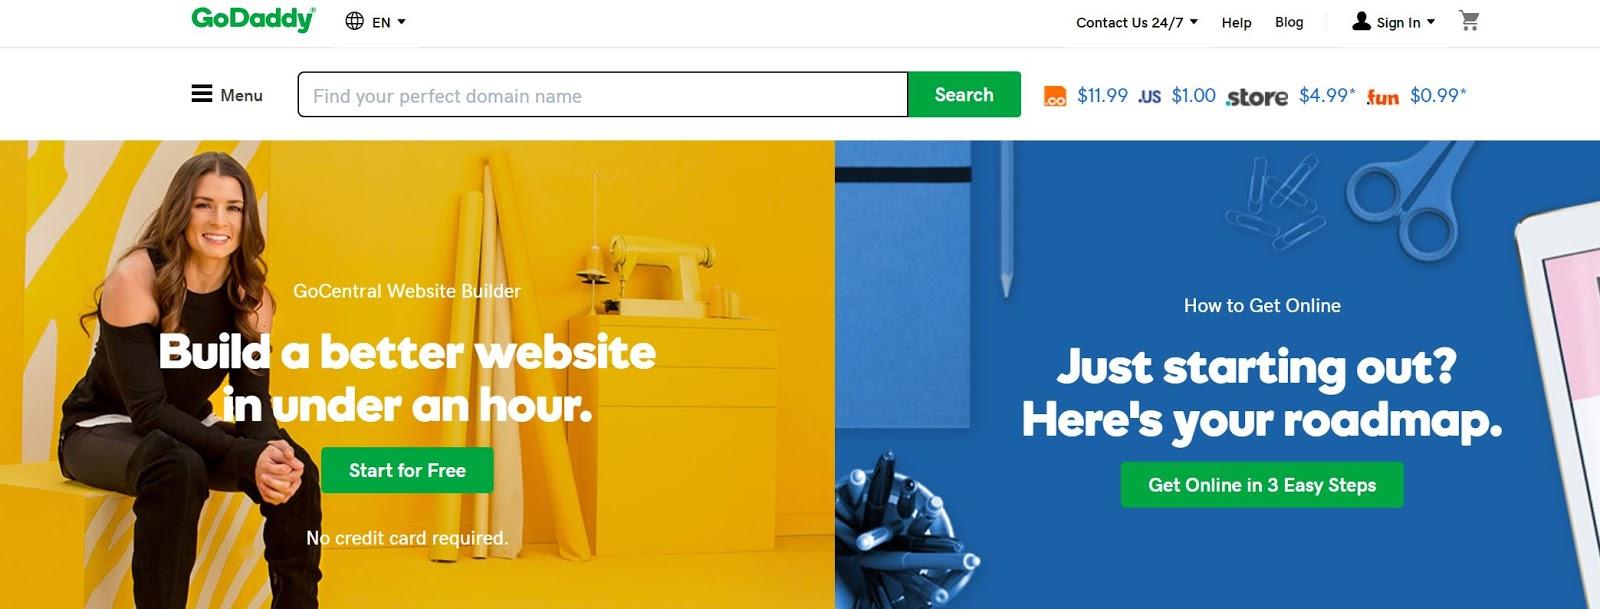 GoDaddy Domain Name Registrar